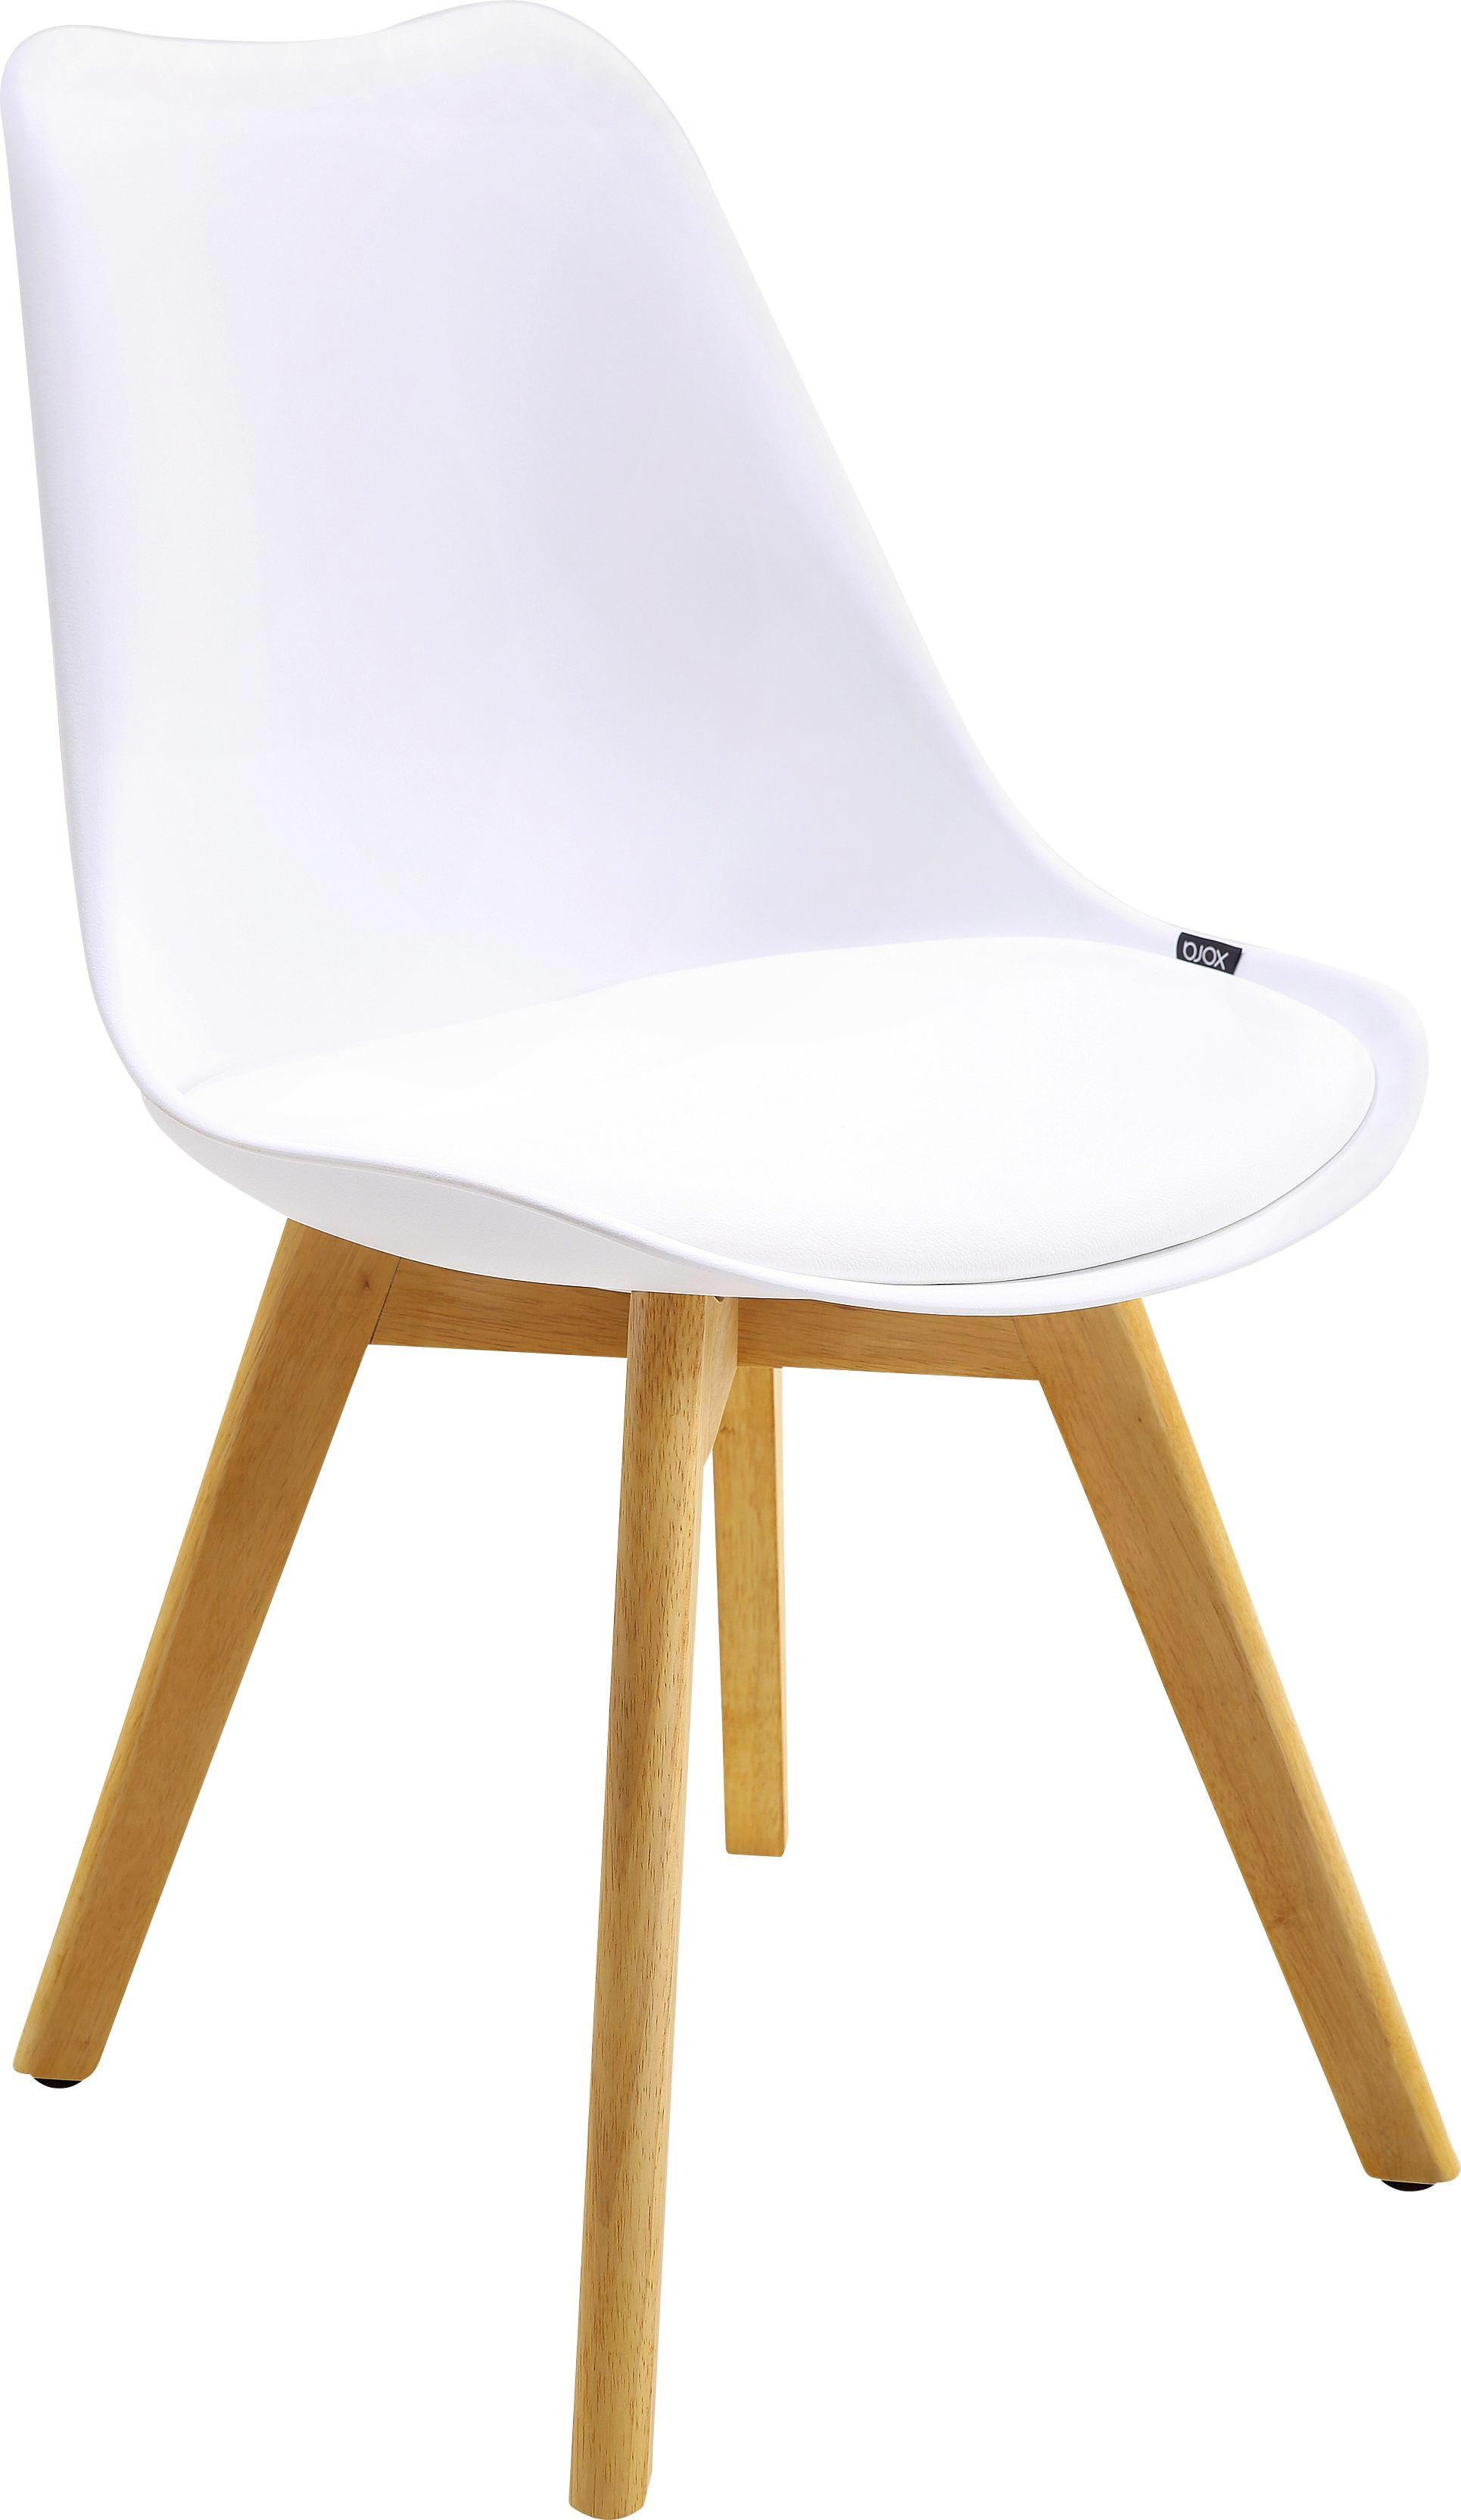 Kautschukholz Lederlook Massiv WeißEichefarben Kaufen Online Stuhl wPkXulTOZi